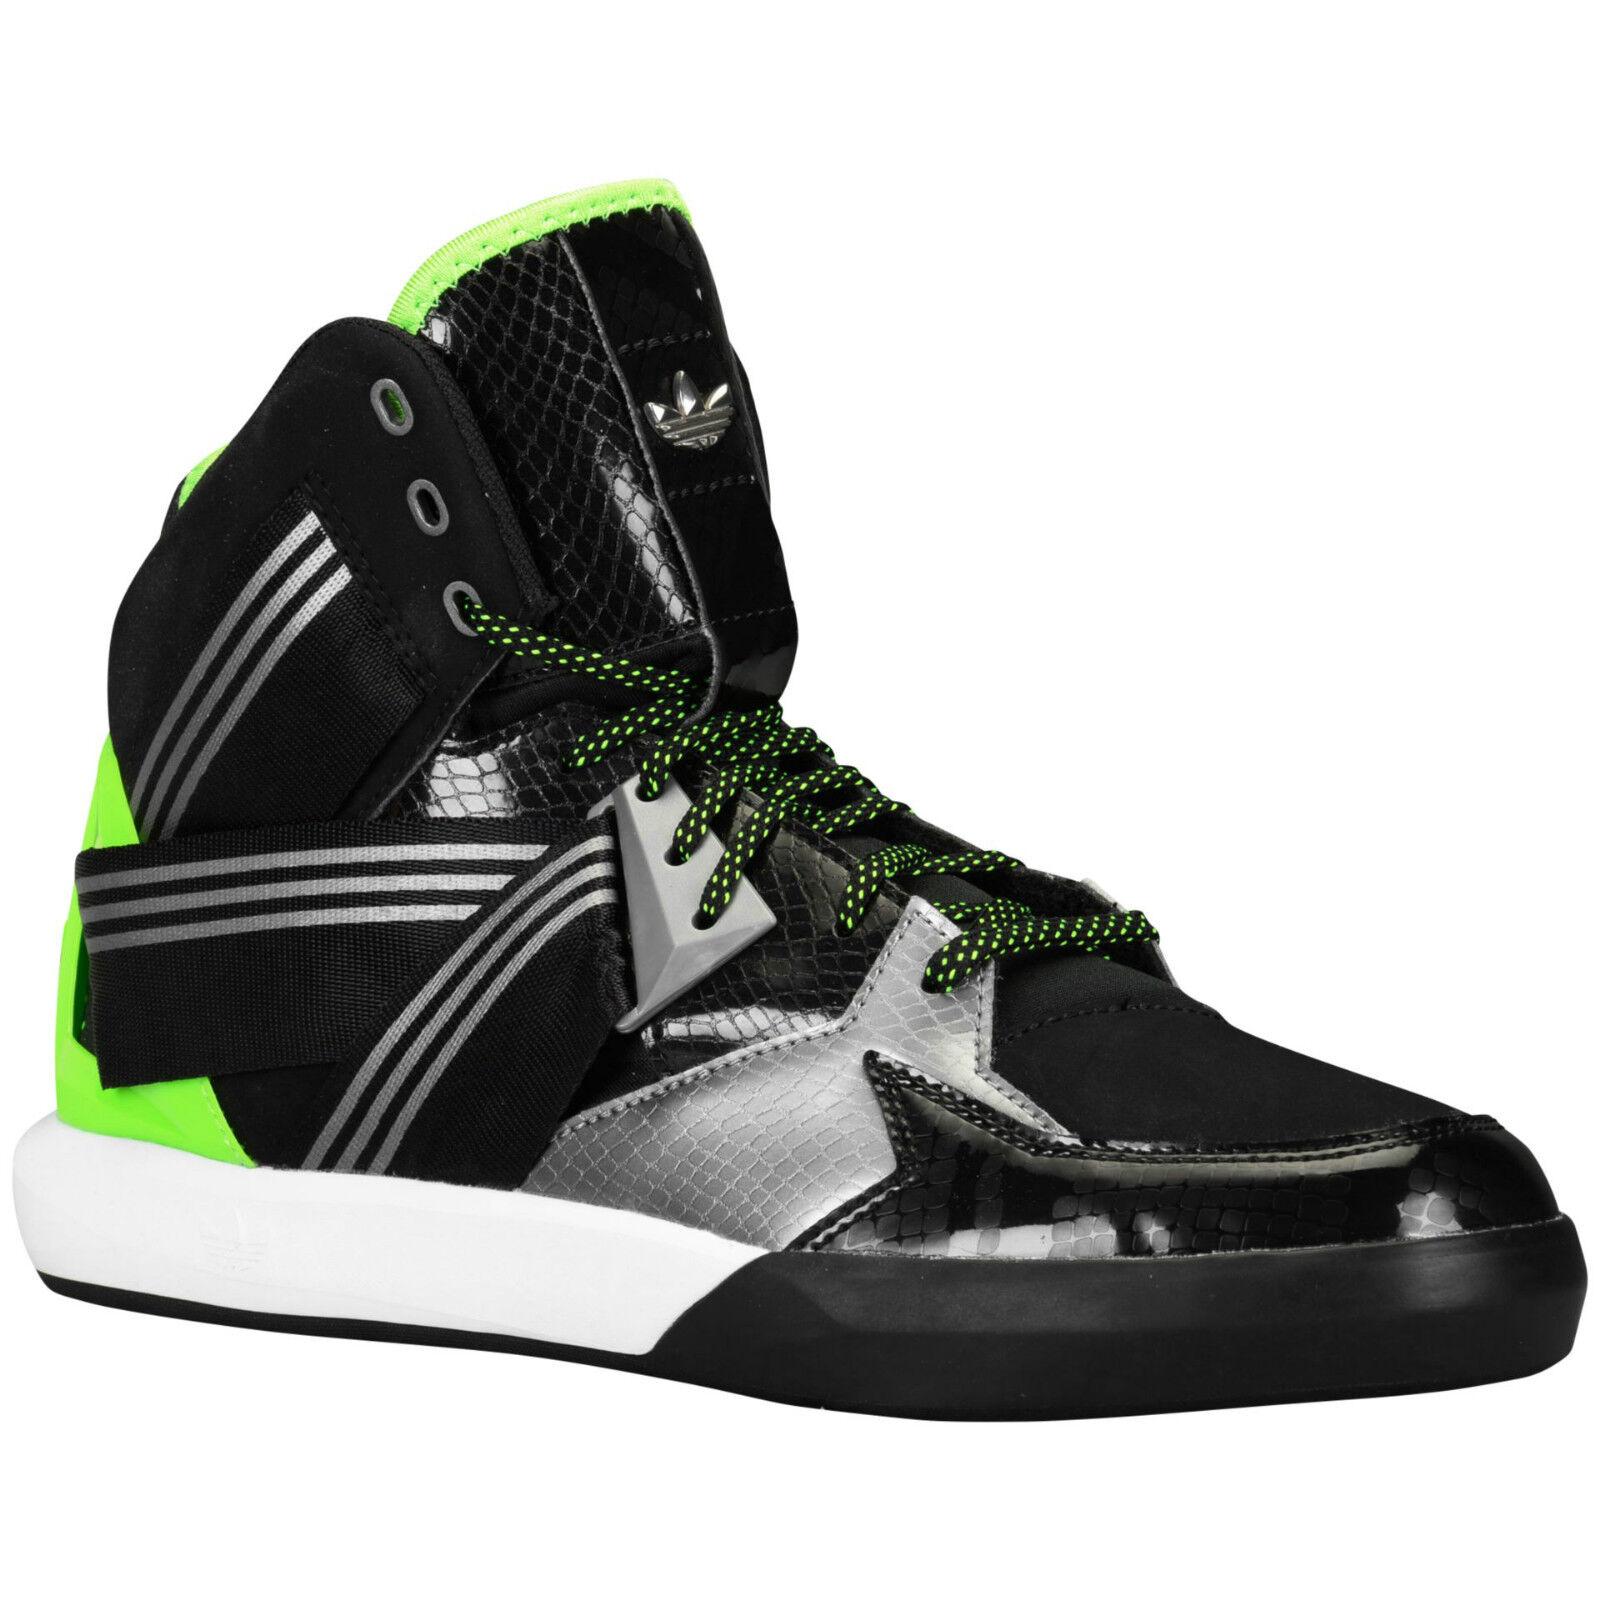 Zapatos de baloncesto Adidas Originales C-10 verde Patente Negro Plata Nubuck